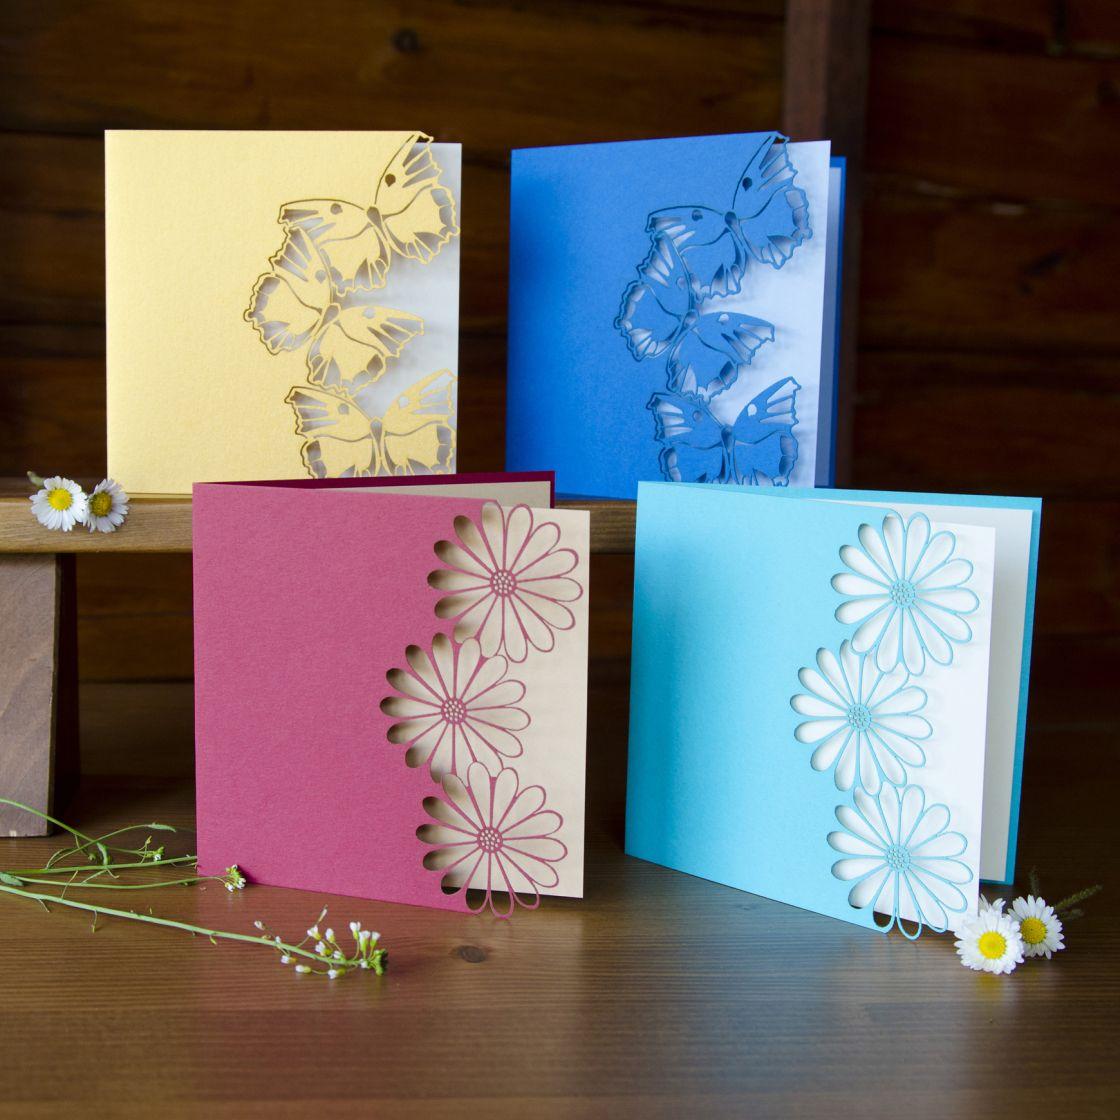 Cute Birthday Cards To Make Creative Diy Photo Card Ideas Guru A